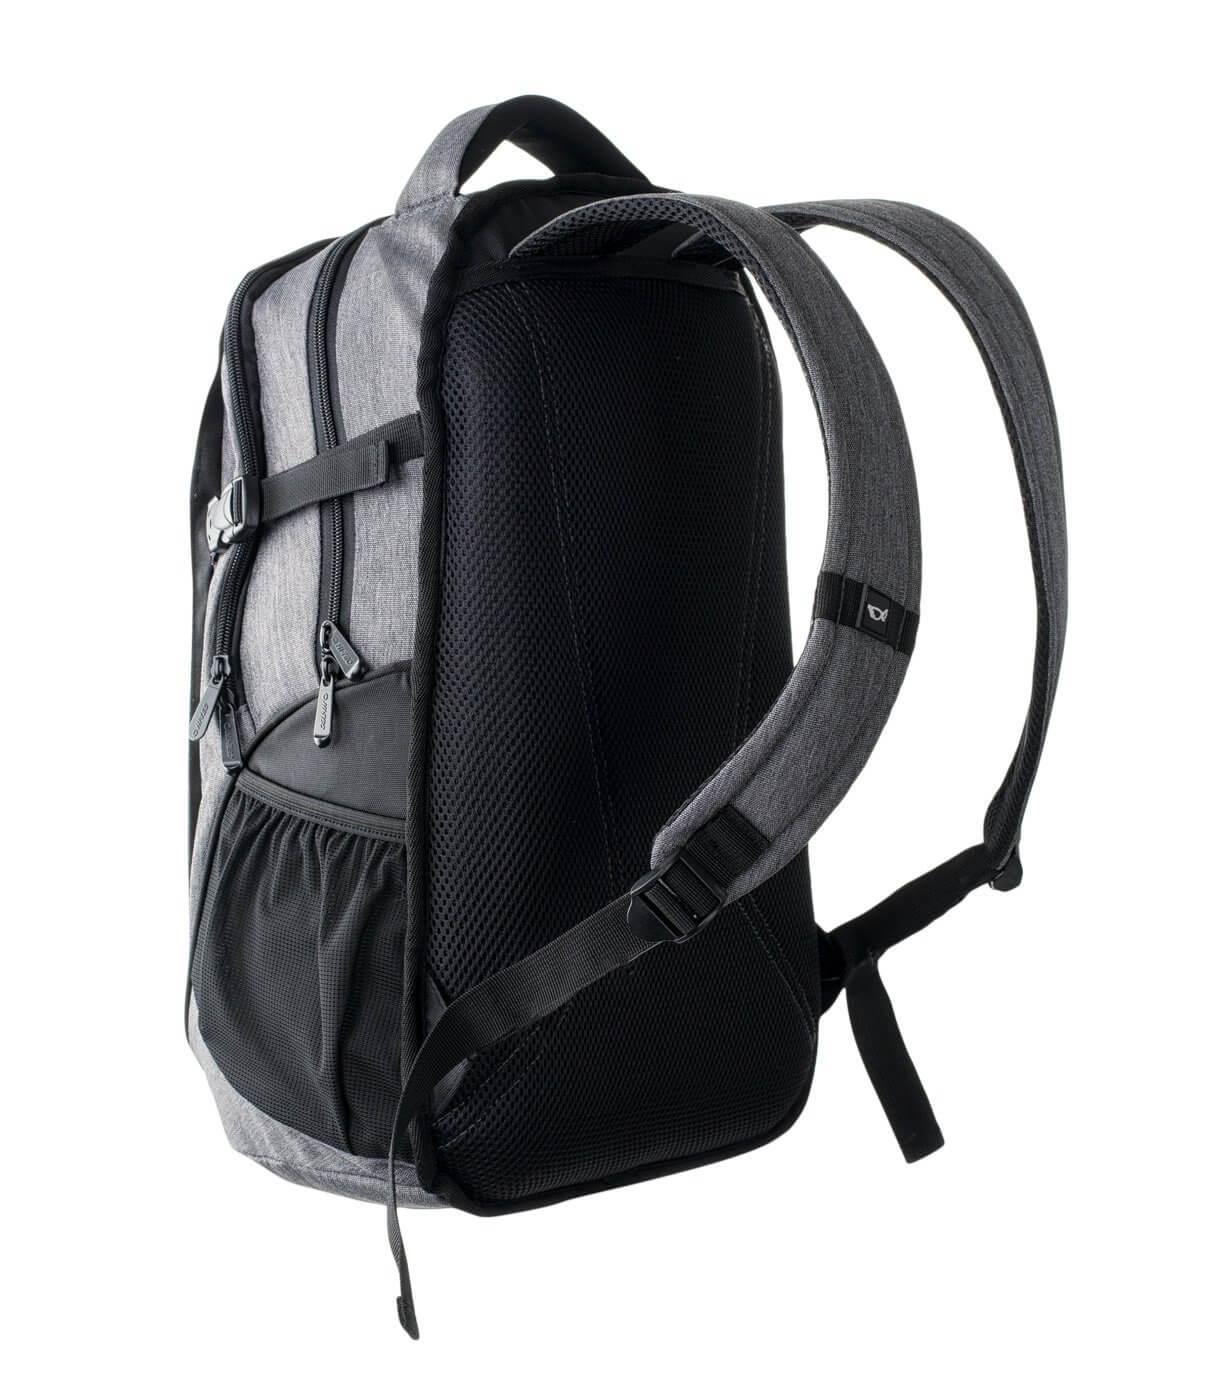 urok kosztów duża obniżka całkowicie stylowy Plecak turystyczny / miejski Hi-Tec Tobby 25 L